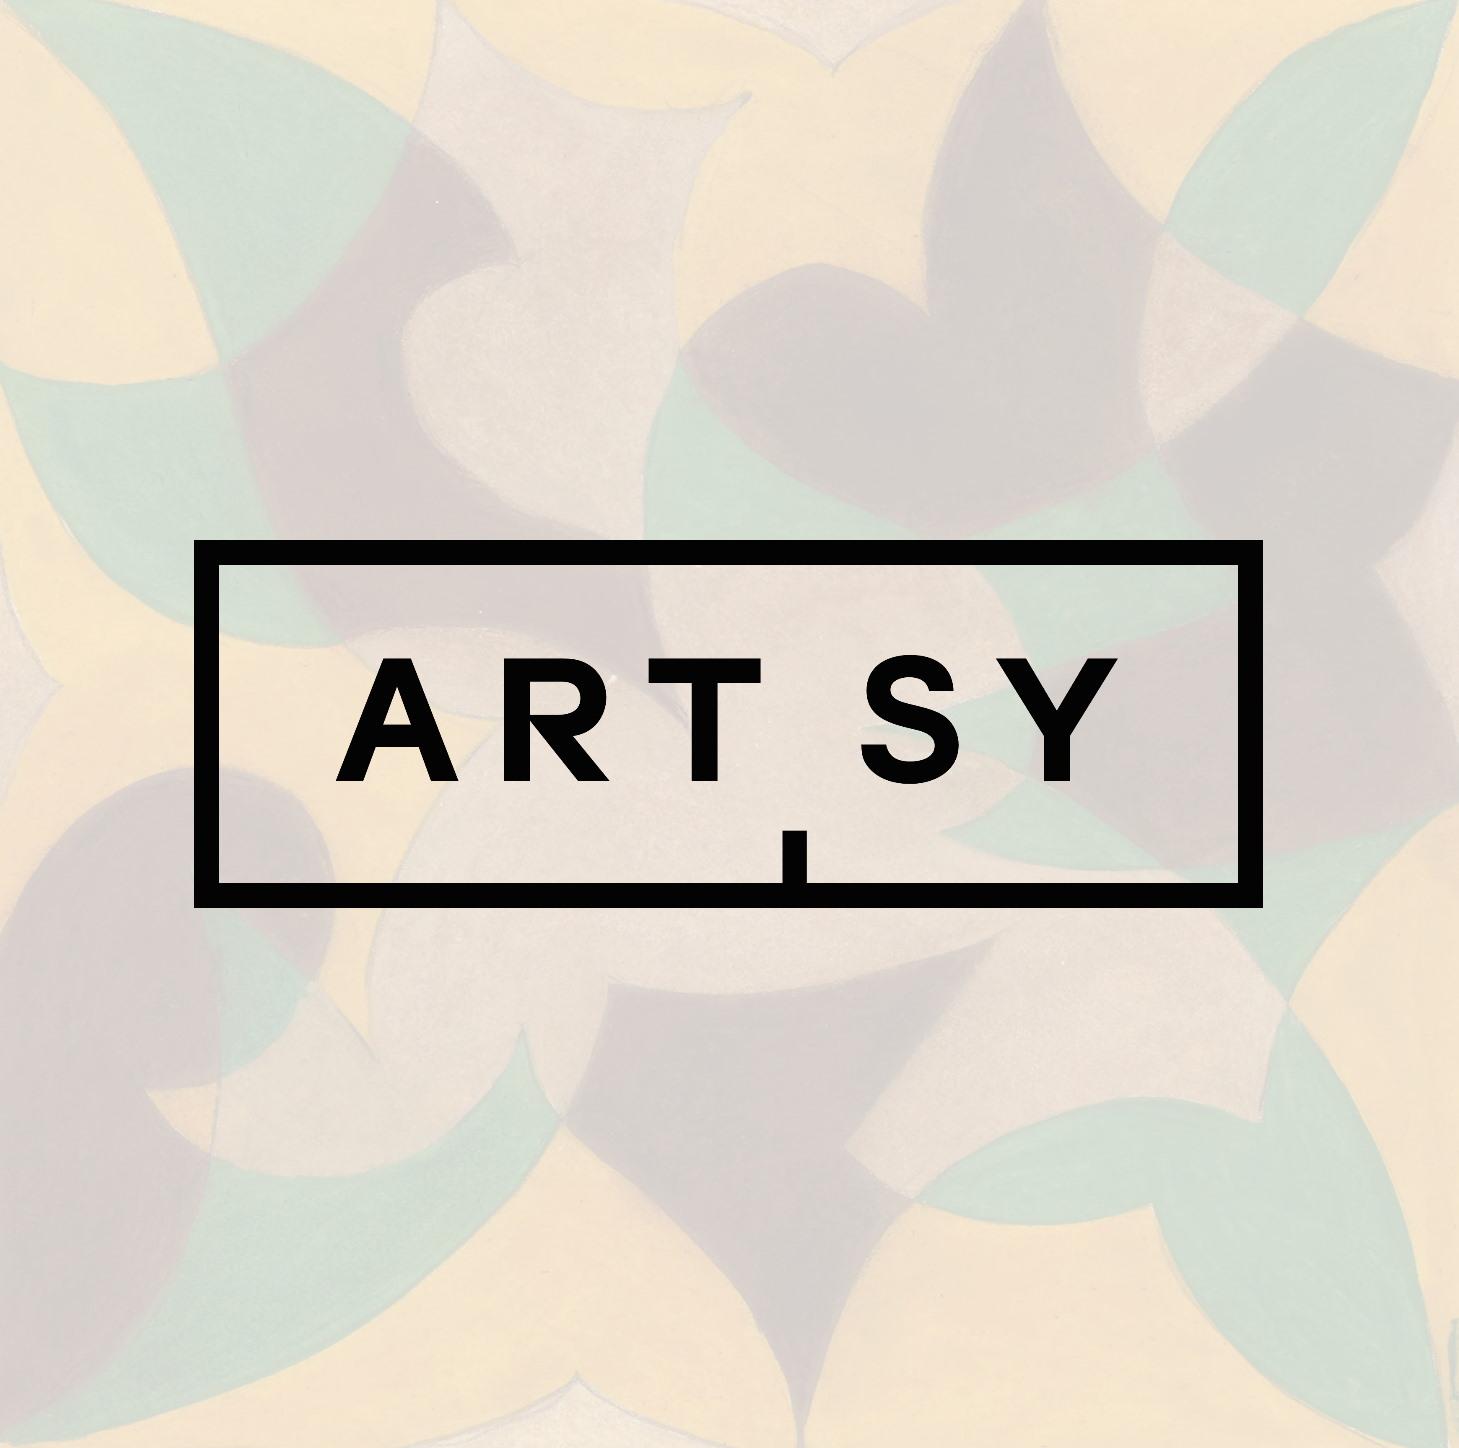 Artsy Bottegantica pagina ufficiale